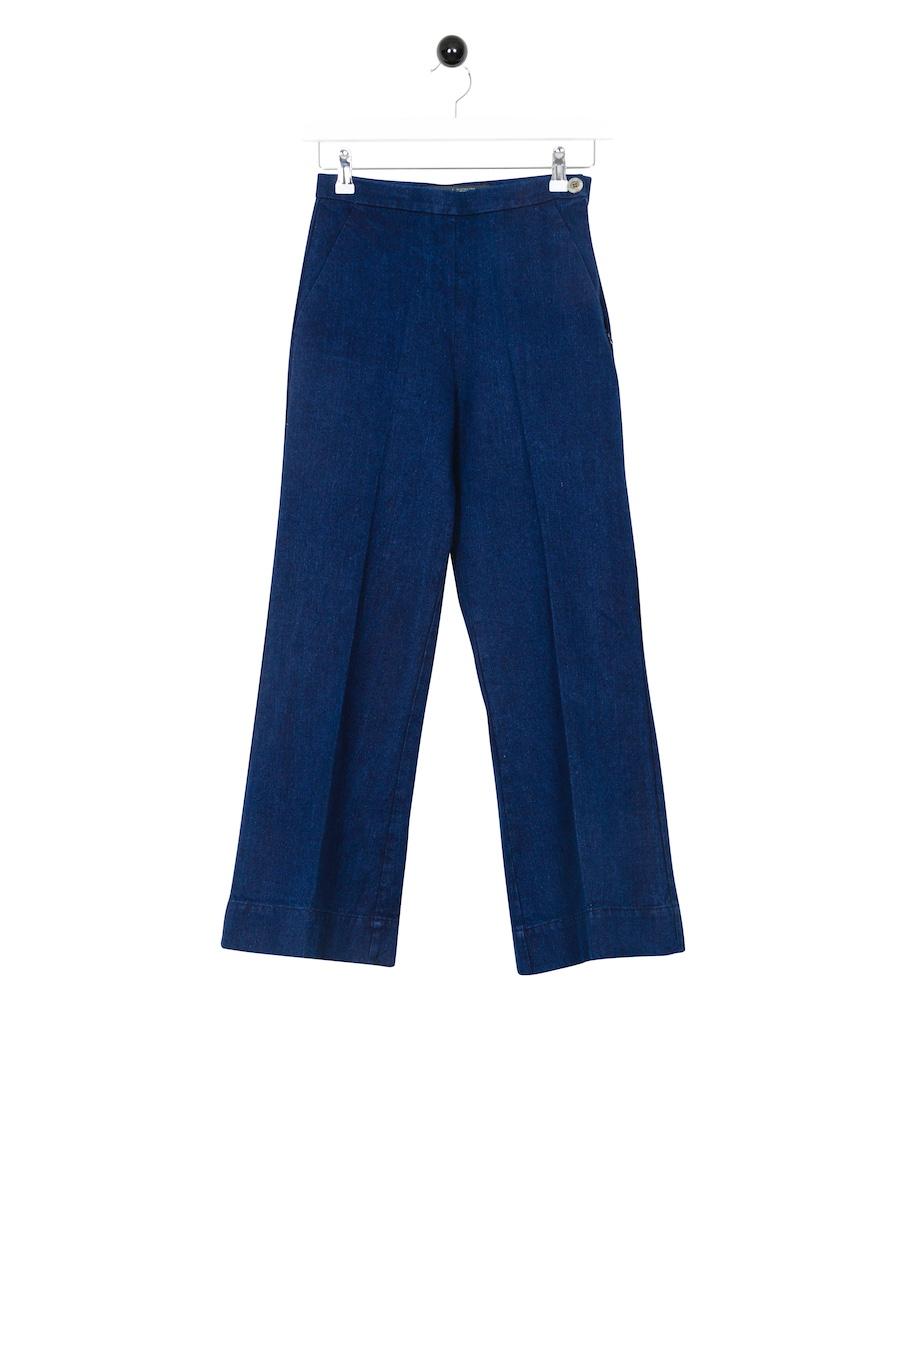 Kobolt Trousers Wide